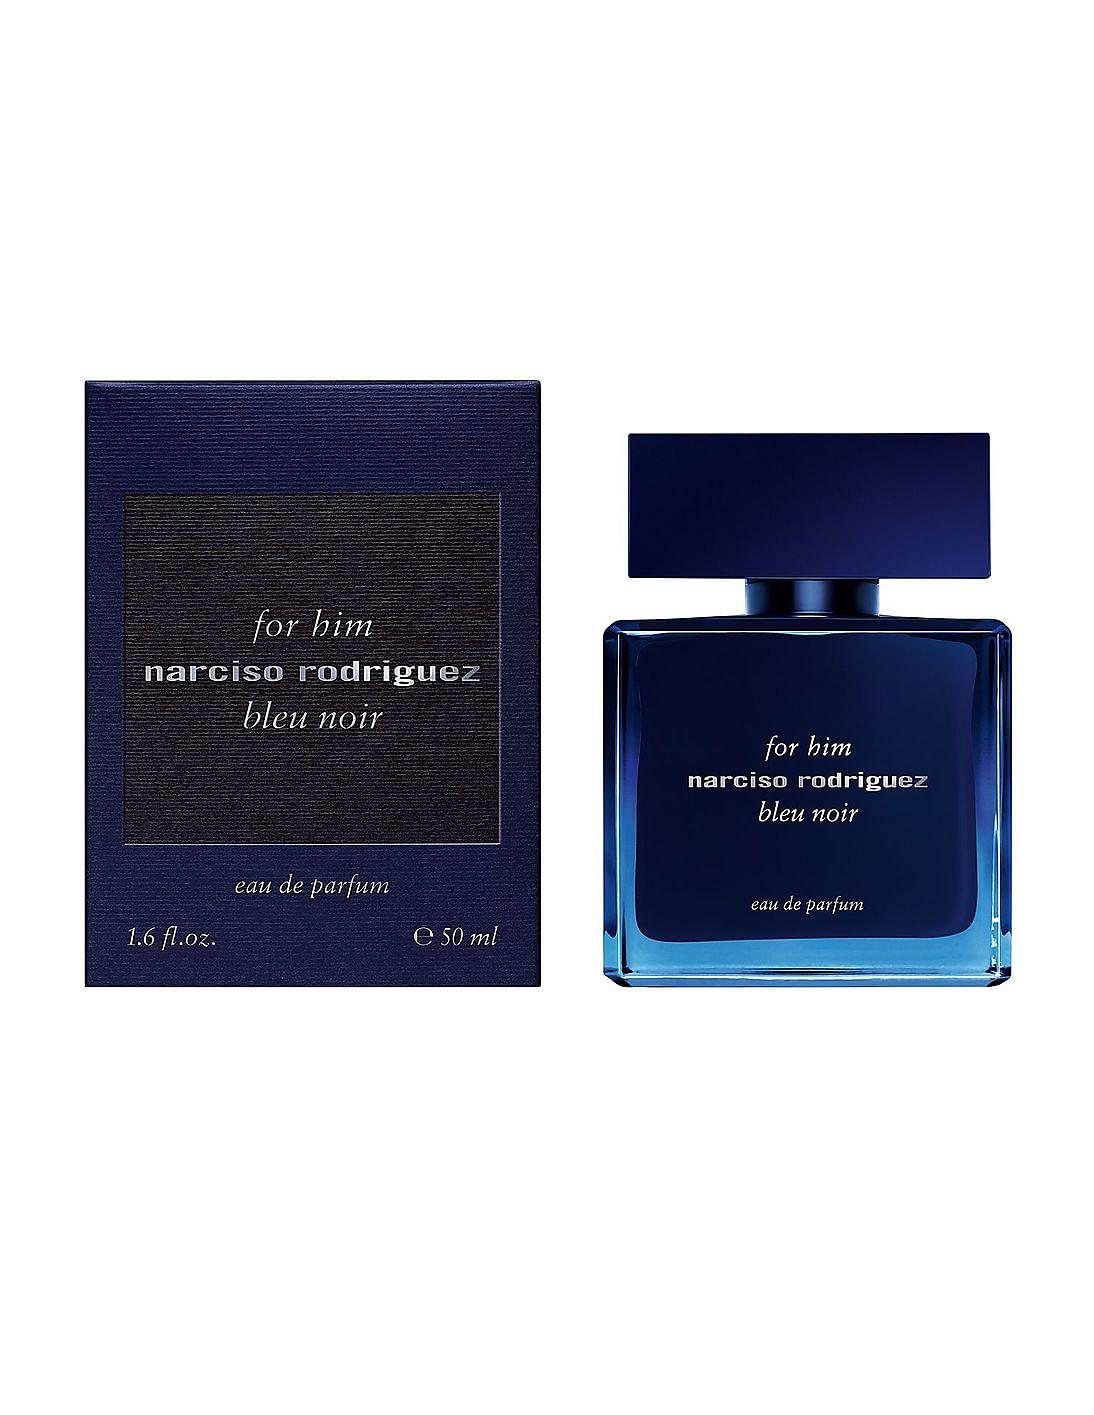 Parfum Buy For Men Bleu De At Him Online Noir Eau LqVGUzMSp